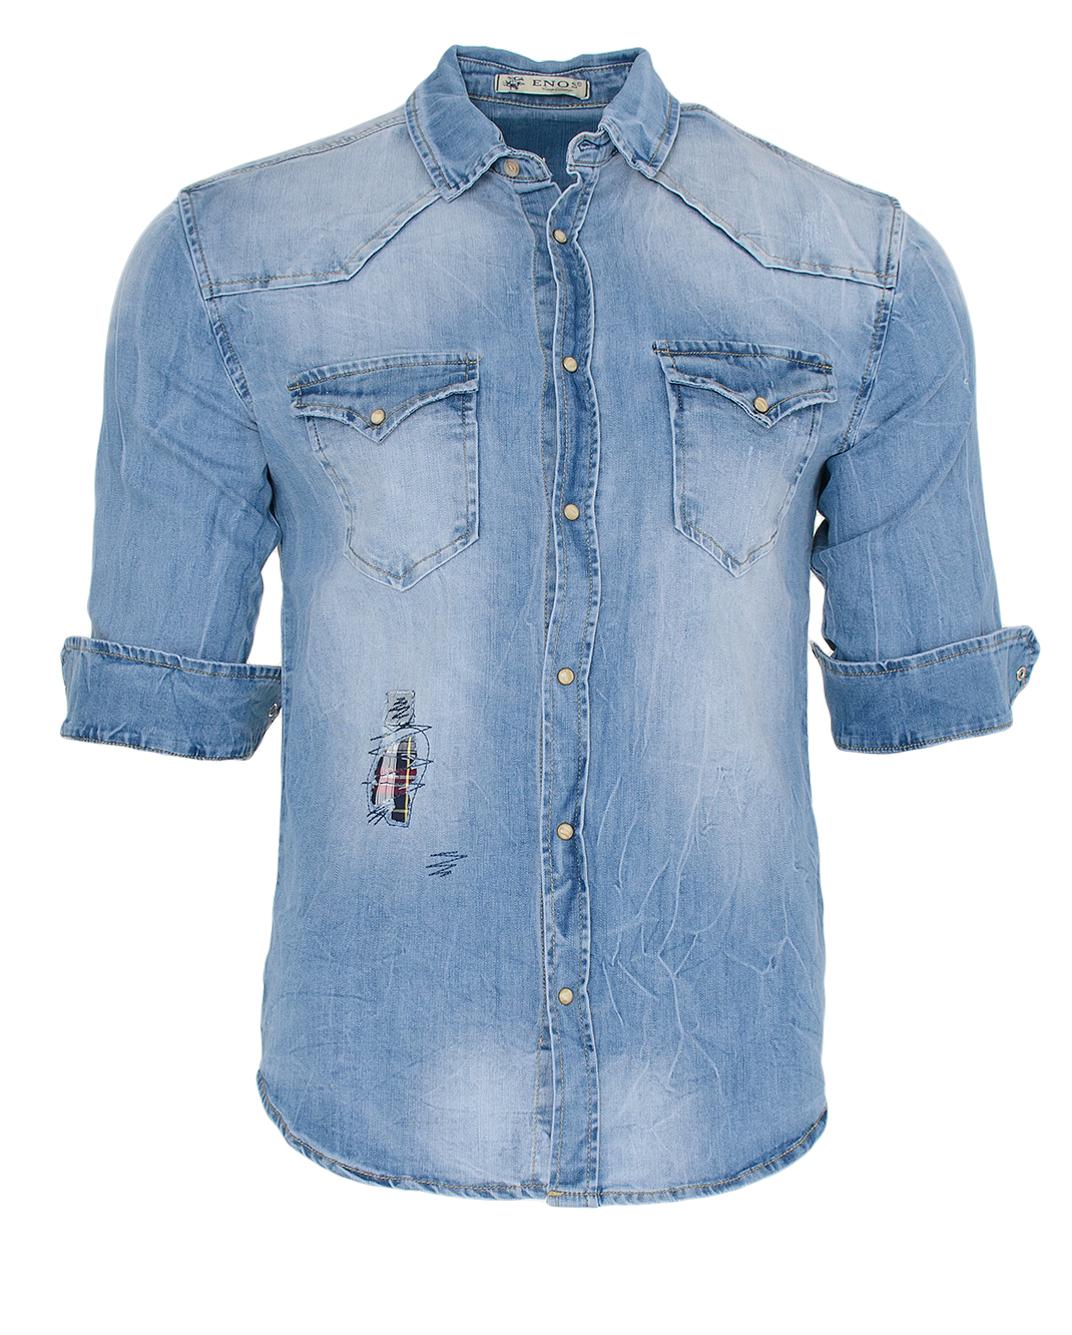 Ανδρικό Jean Πουκάμισο Danger-Μπλε αρχική ανδρικά ρούχα πουκάμισα